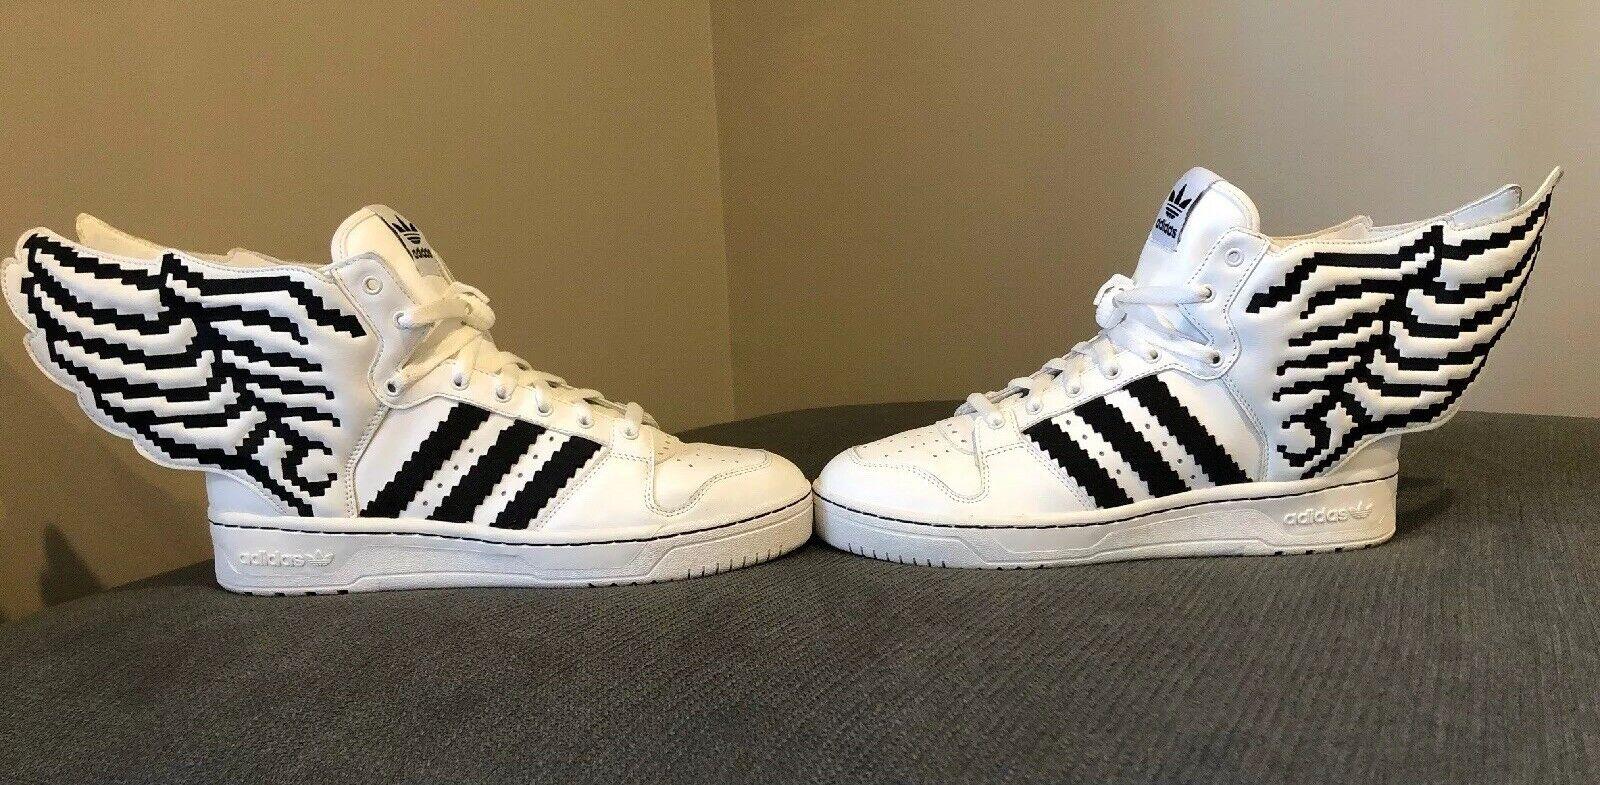 Adidas, Jeremy Scott, Pixel Wings 2.0, Size 11, Rare